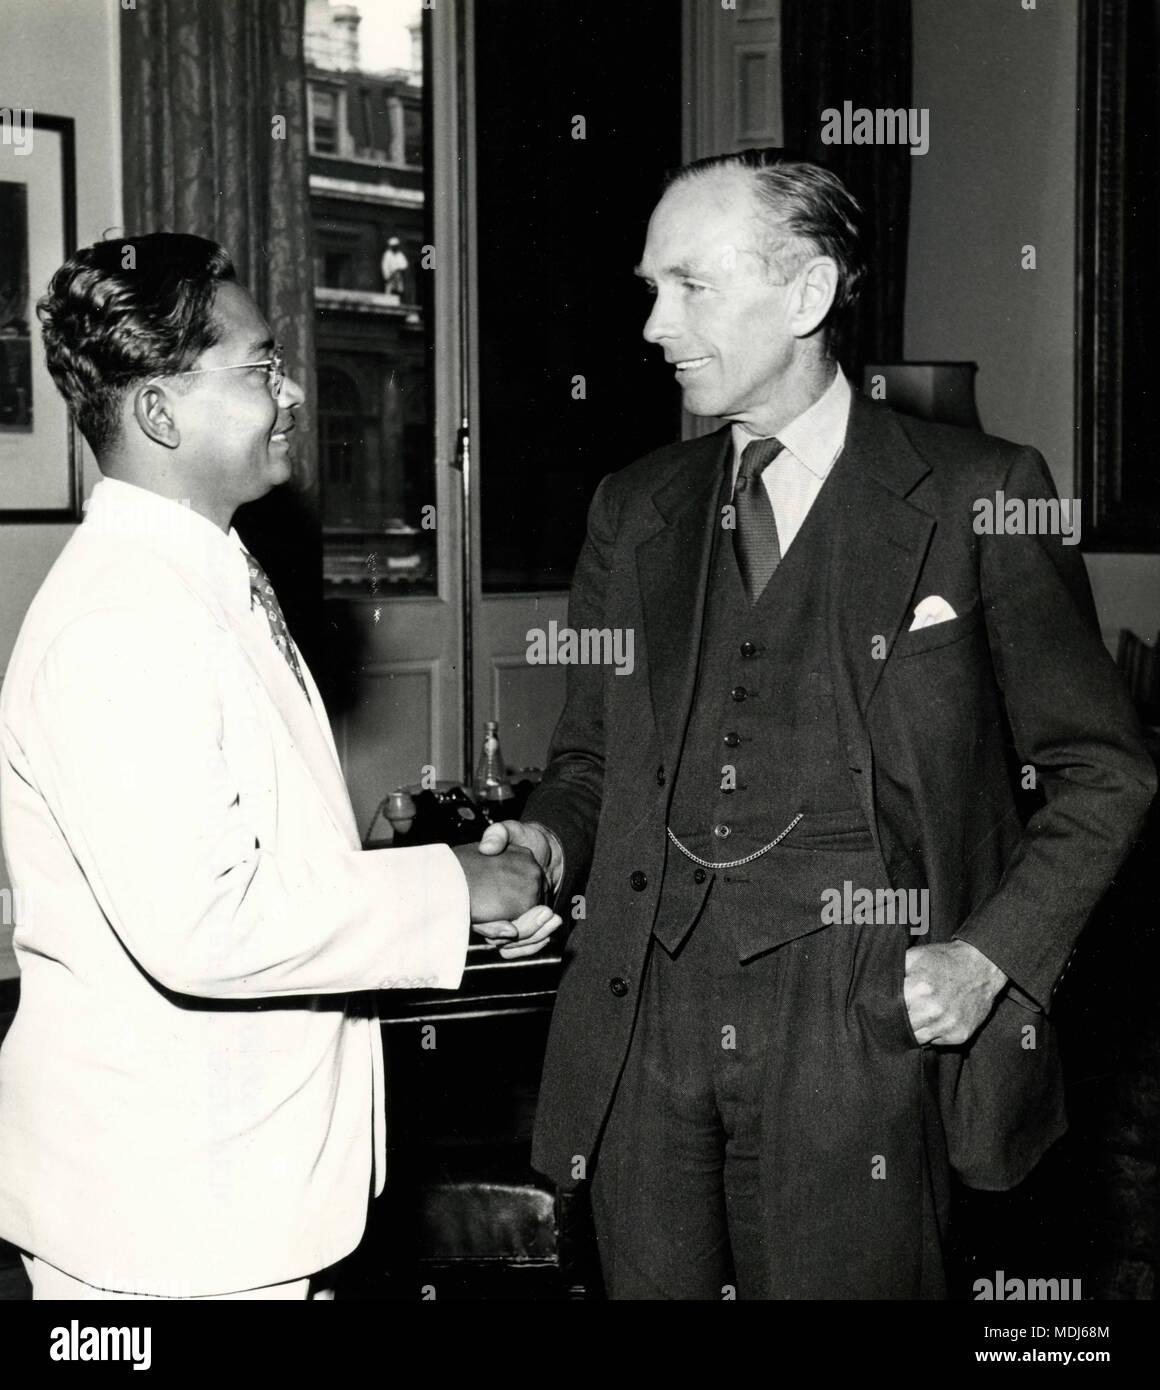 Dr pakistano Mazhar-ul-Islam incontra PM Alec Douglas-Home, Conte di casa al Commonwealth Ufficio Relazioni, London, Regno Unito 1958 Immagini Stock